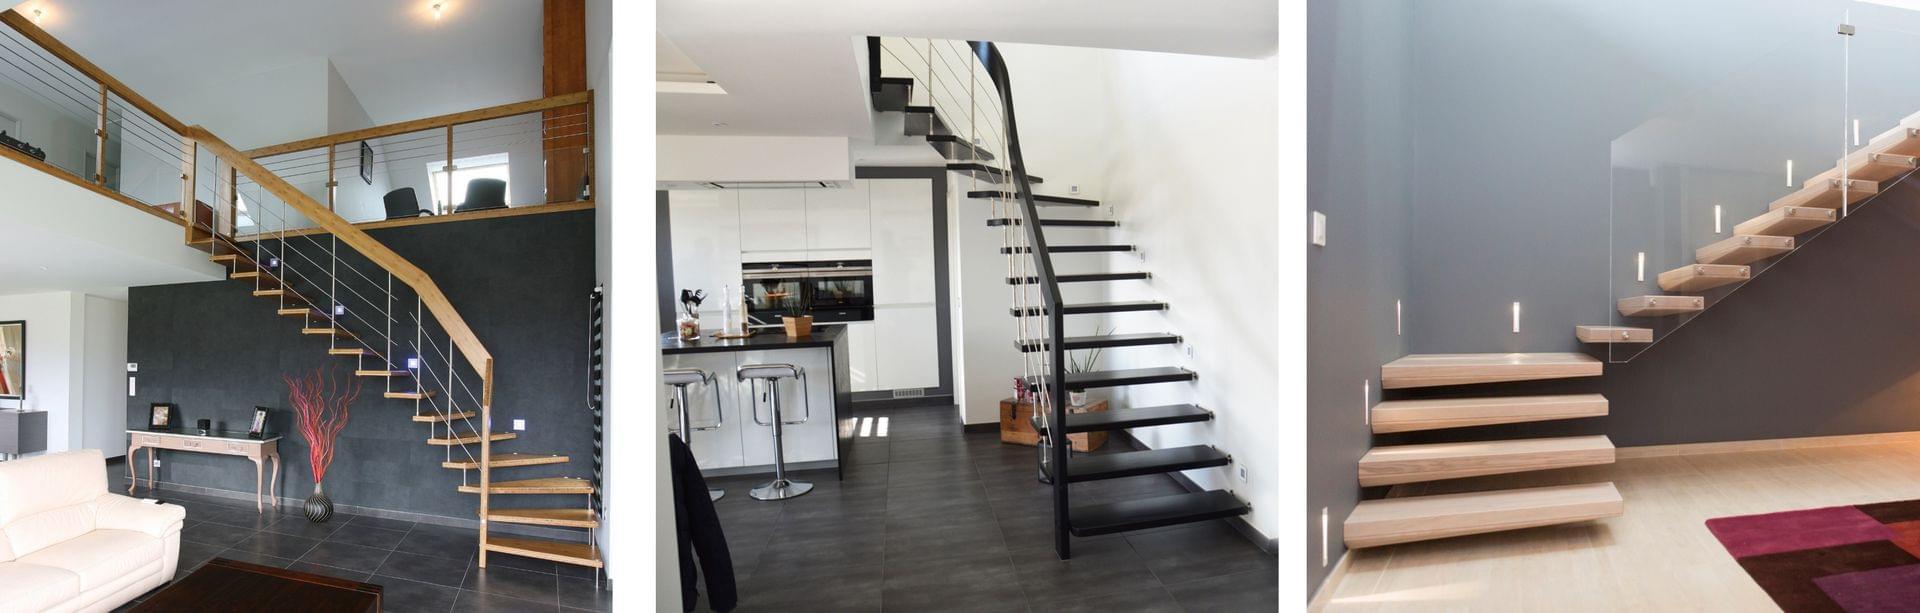 Escaliers bois et Escaliers bois-métal de qualité   TREPPENMEISTER